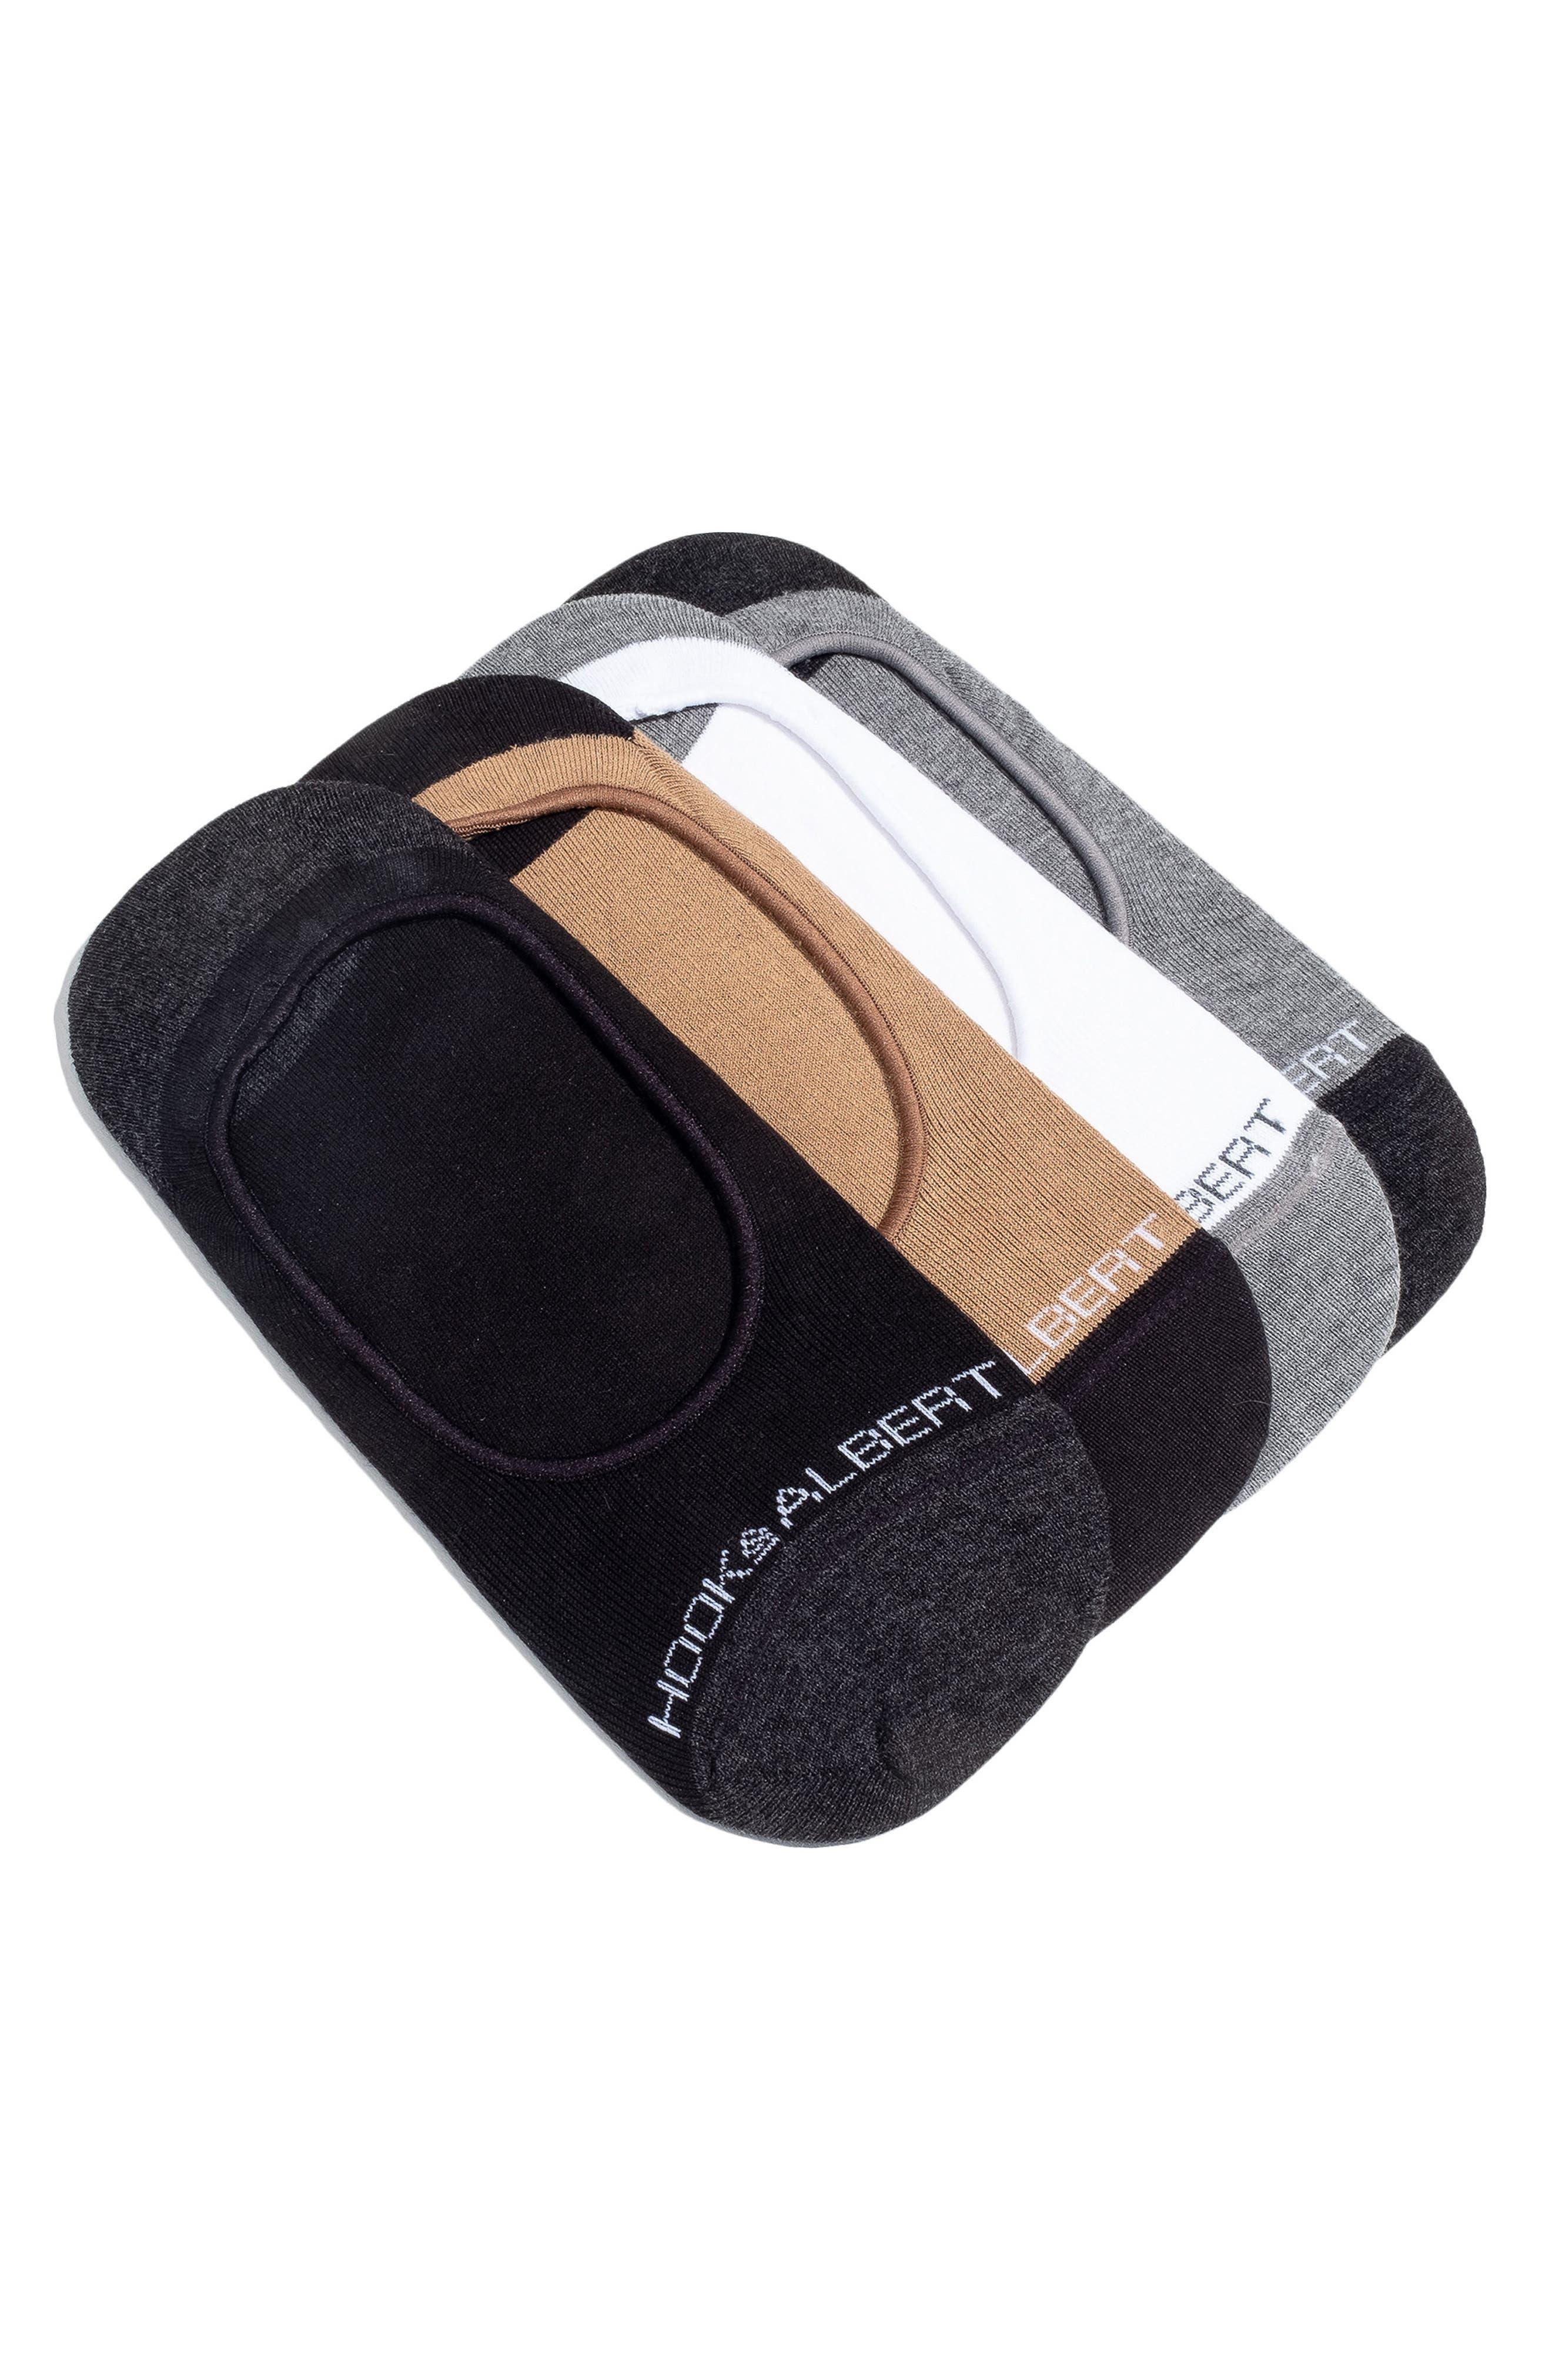 4-Pack Liner Socks,                         Main,                         color, BLACK